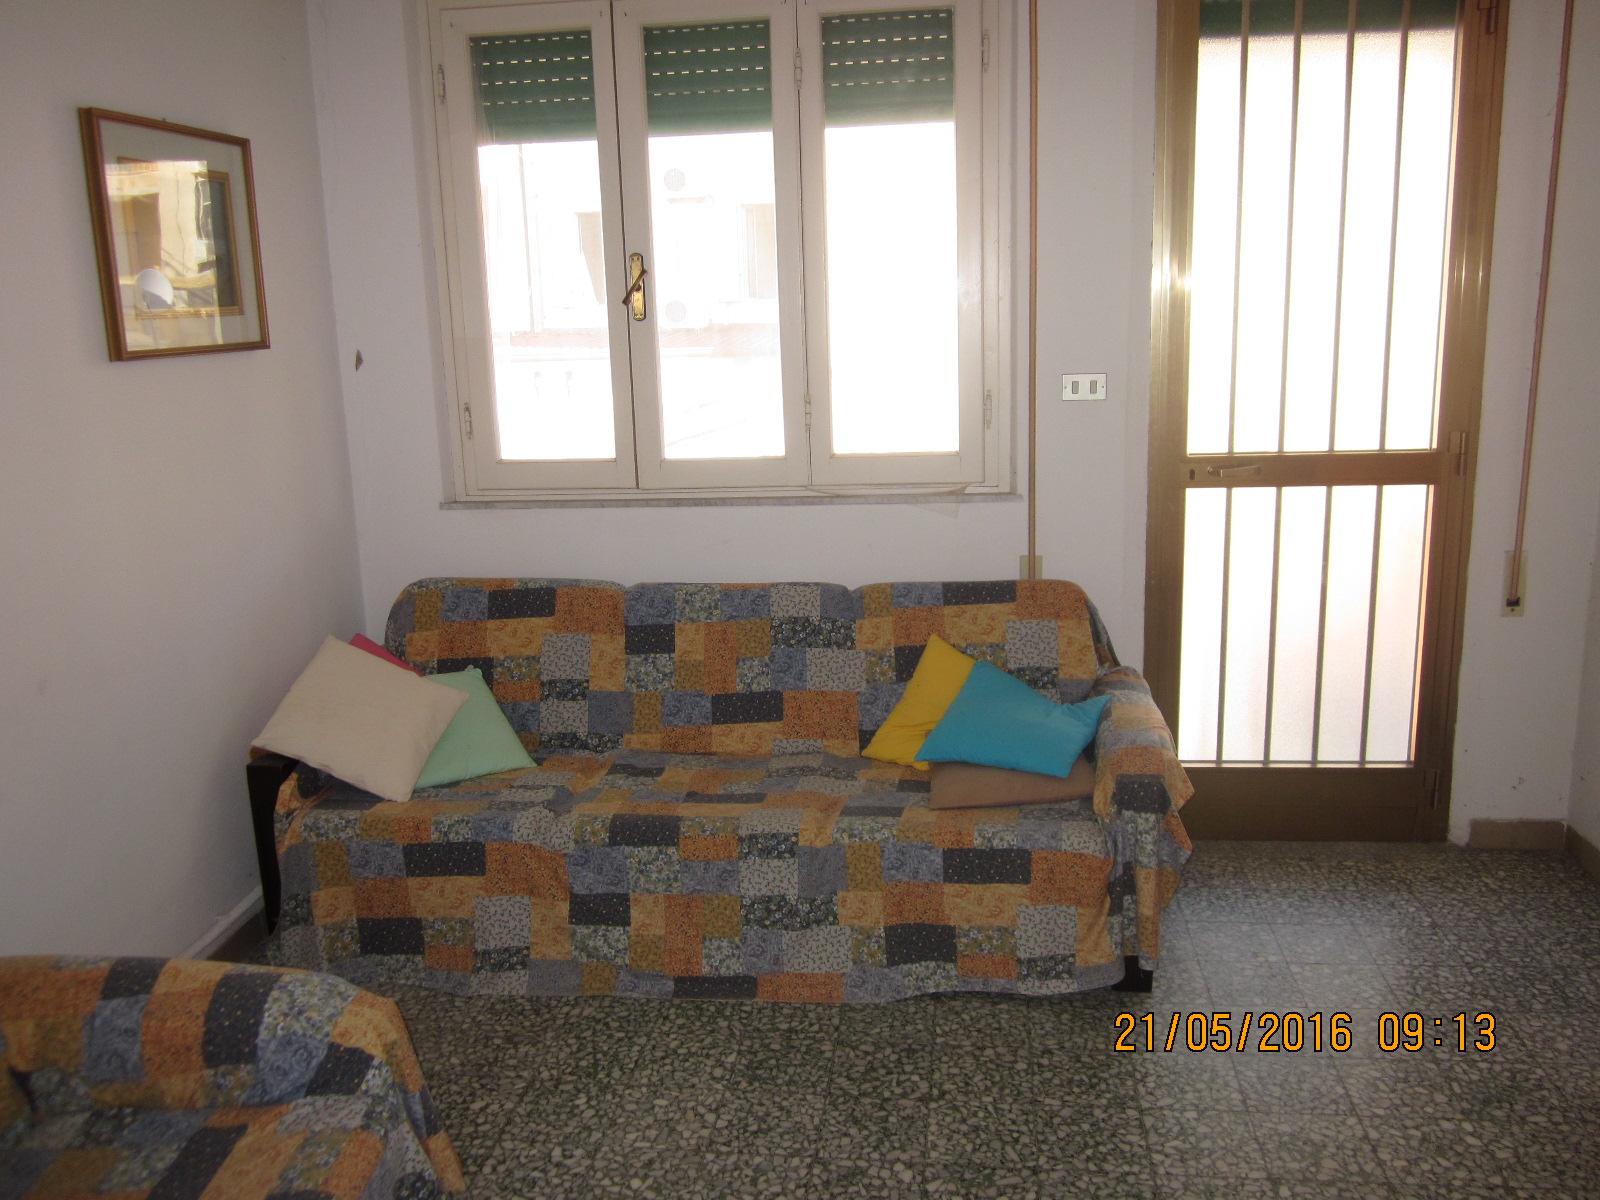 Soluzione Indipendente in vendita a Viareggio, 4 locali, zona Località: Centro, prezzo € 220.000   Cambio Casa.it